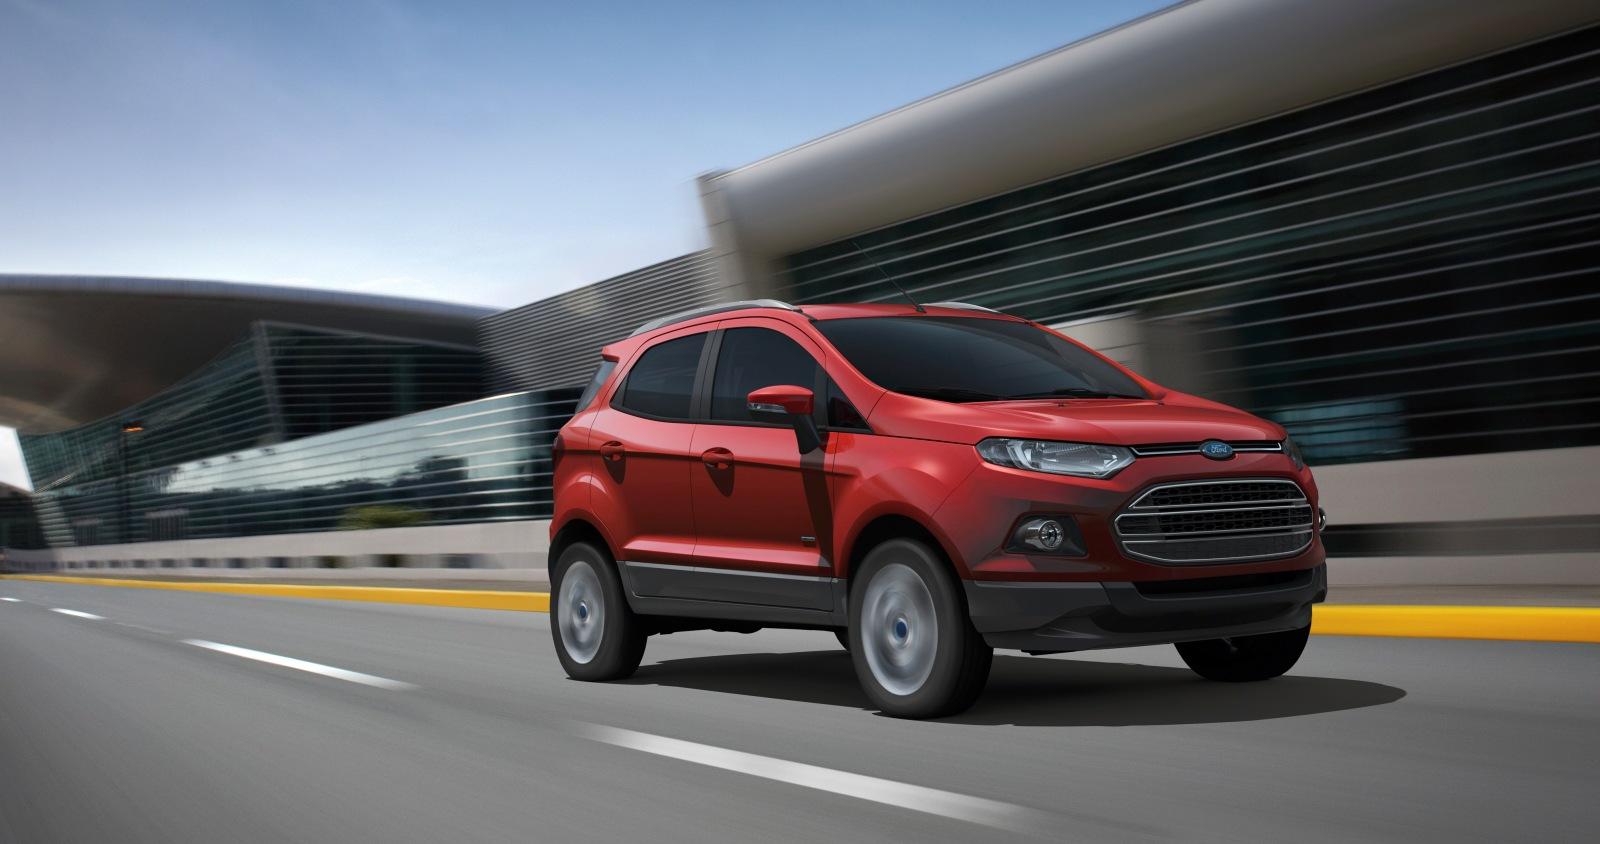 El Ford Mustang, EcoSport y Edge se comercializarán en Europa